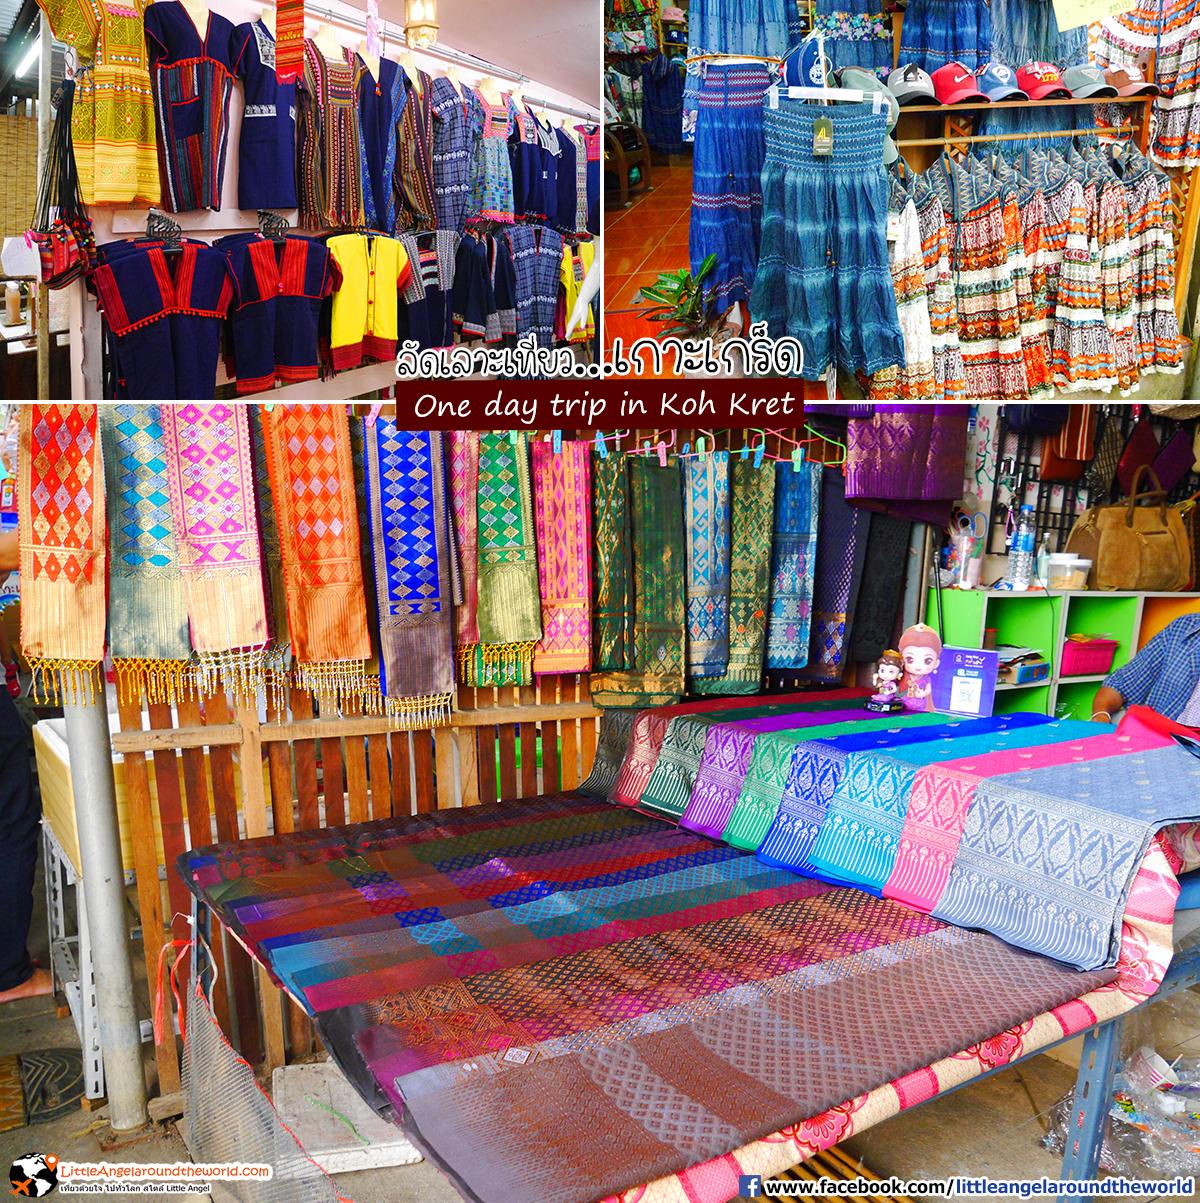 ผ้าไทยหลากหลายรูปแบบ : เที่ยวเกาะเกร็ด (One day trip in Koh Kret)